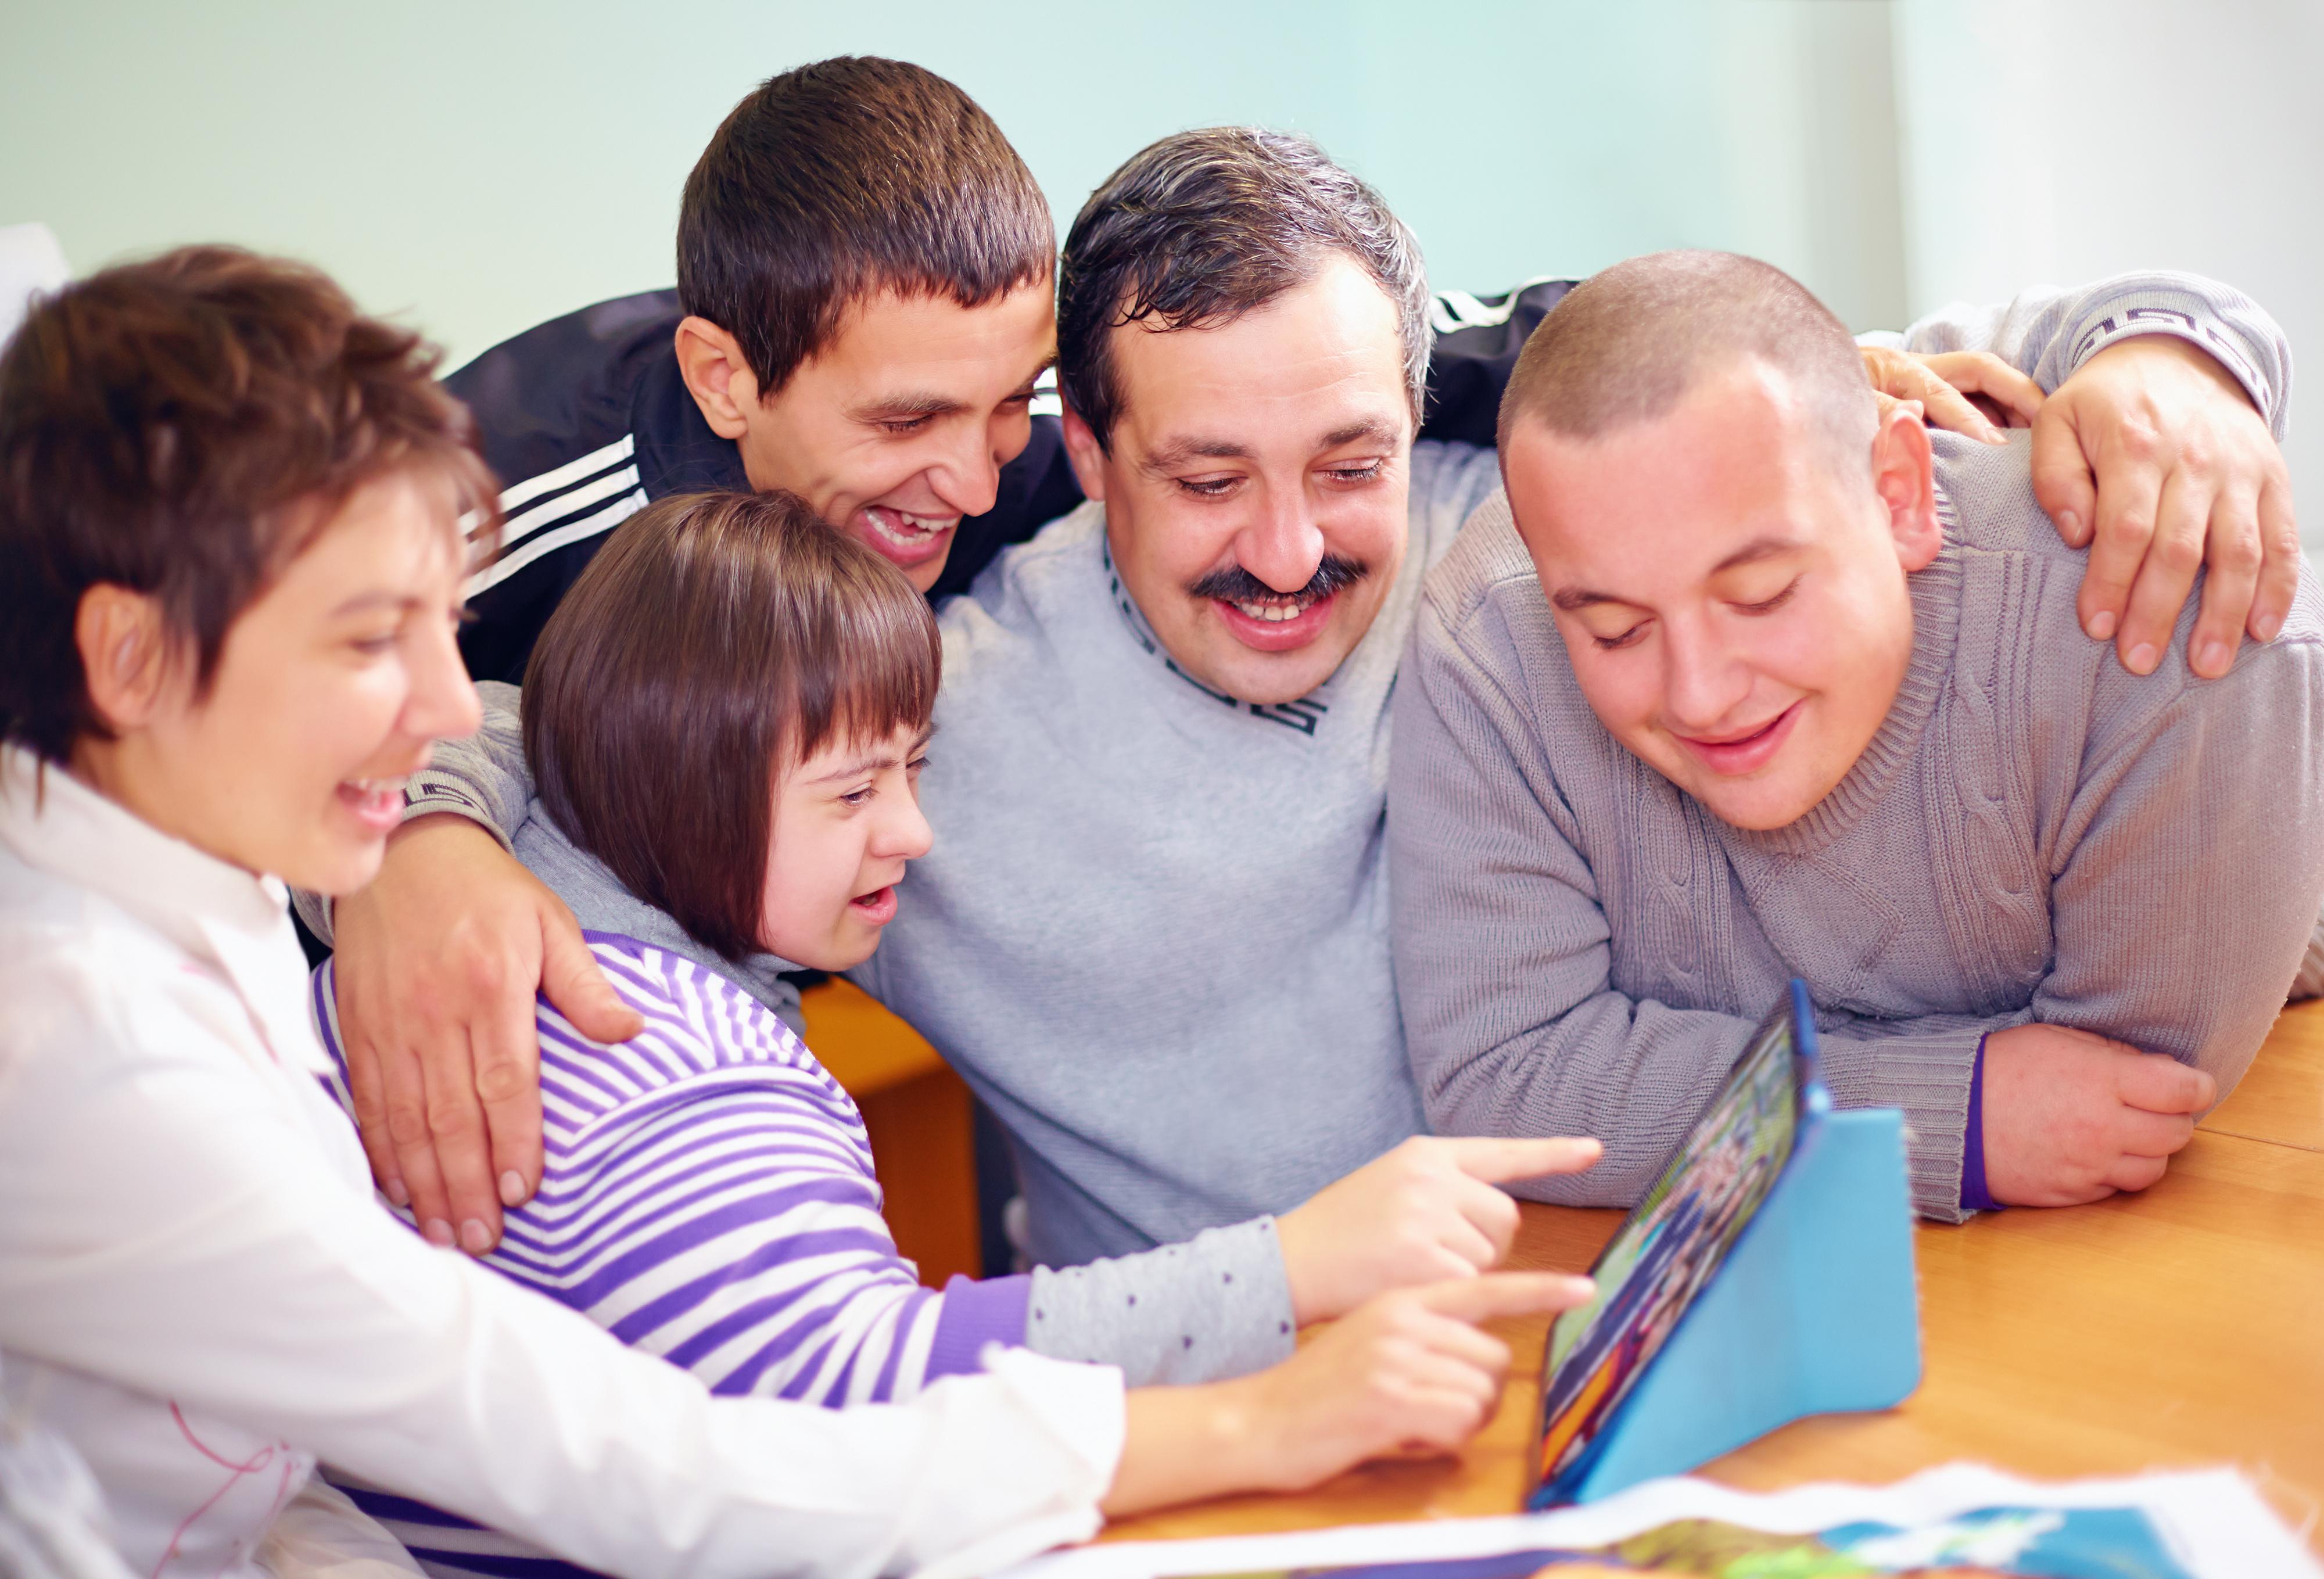 Le projet personnalisé : un enjeu indispensable pour les personnes en situation d'handicap